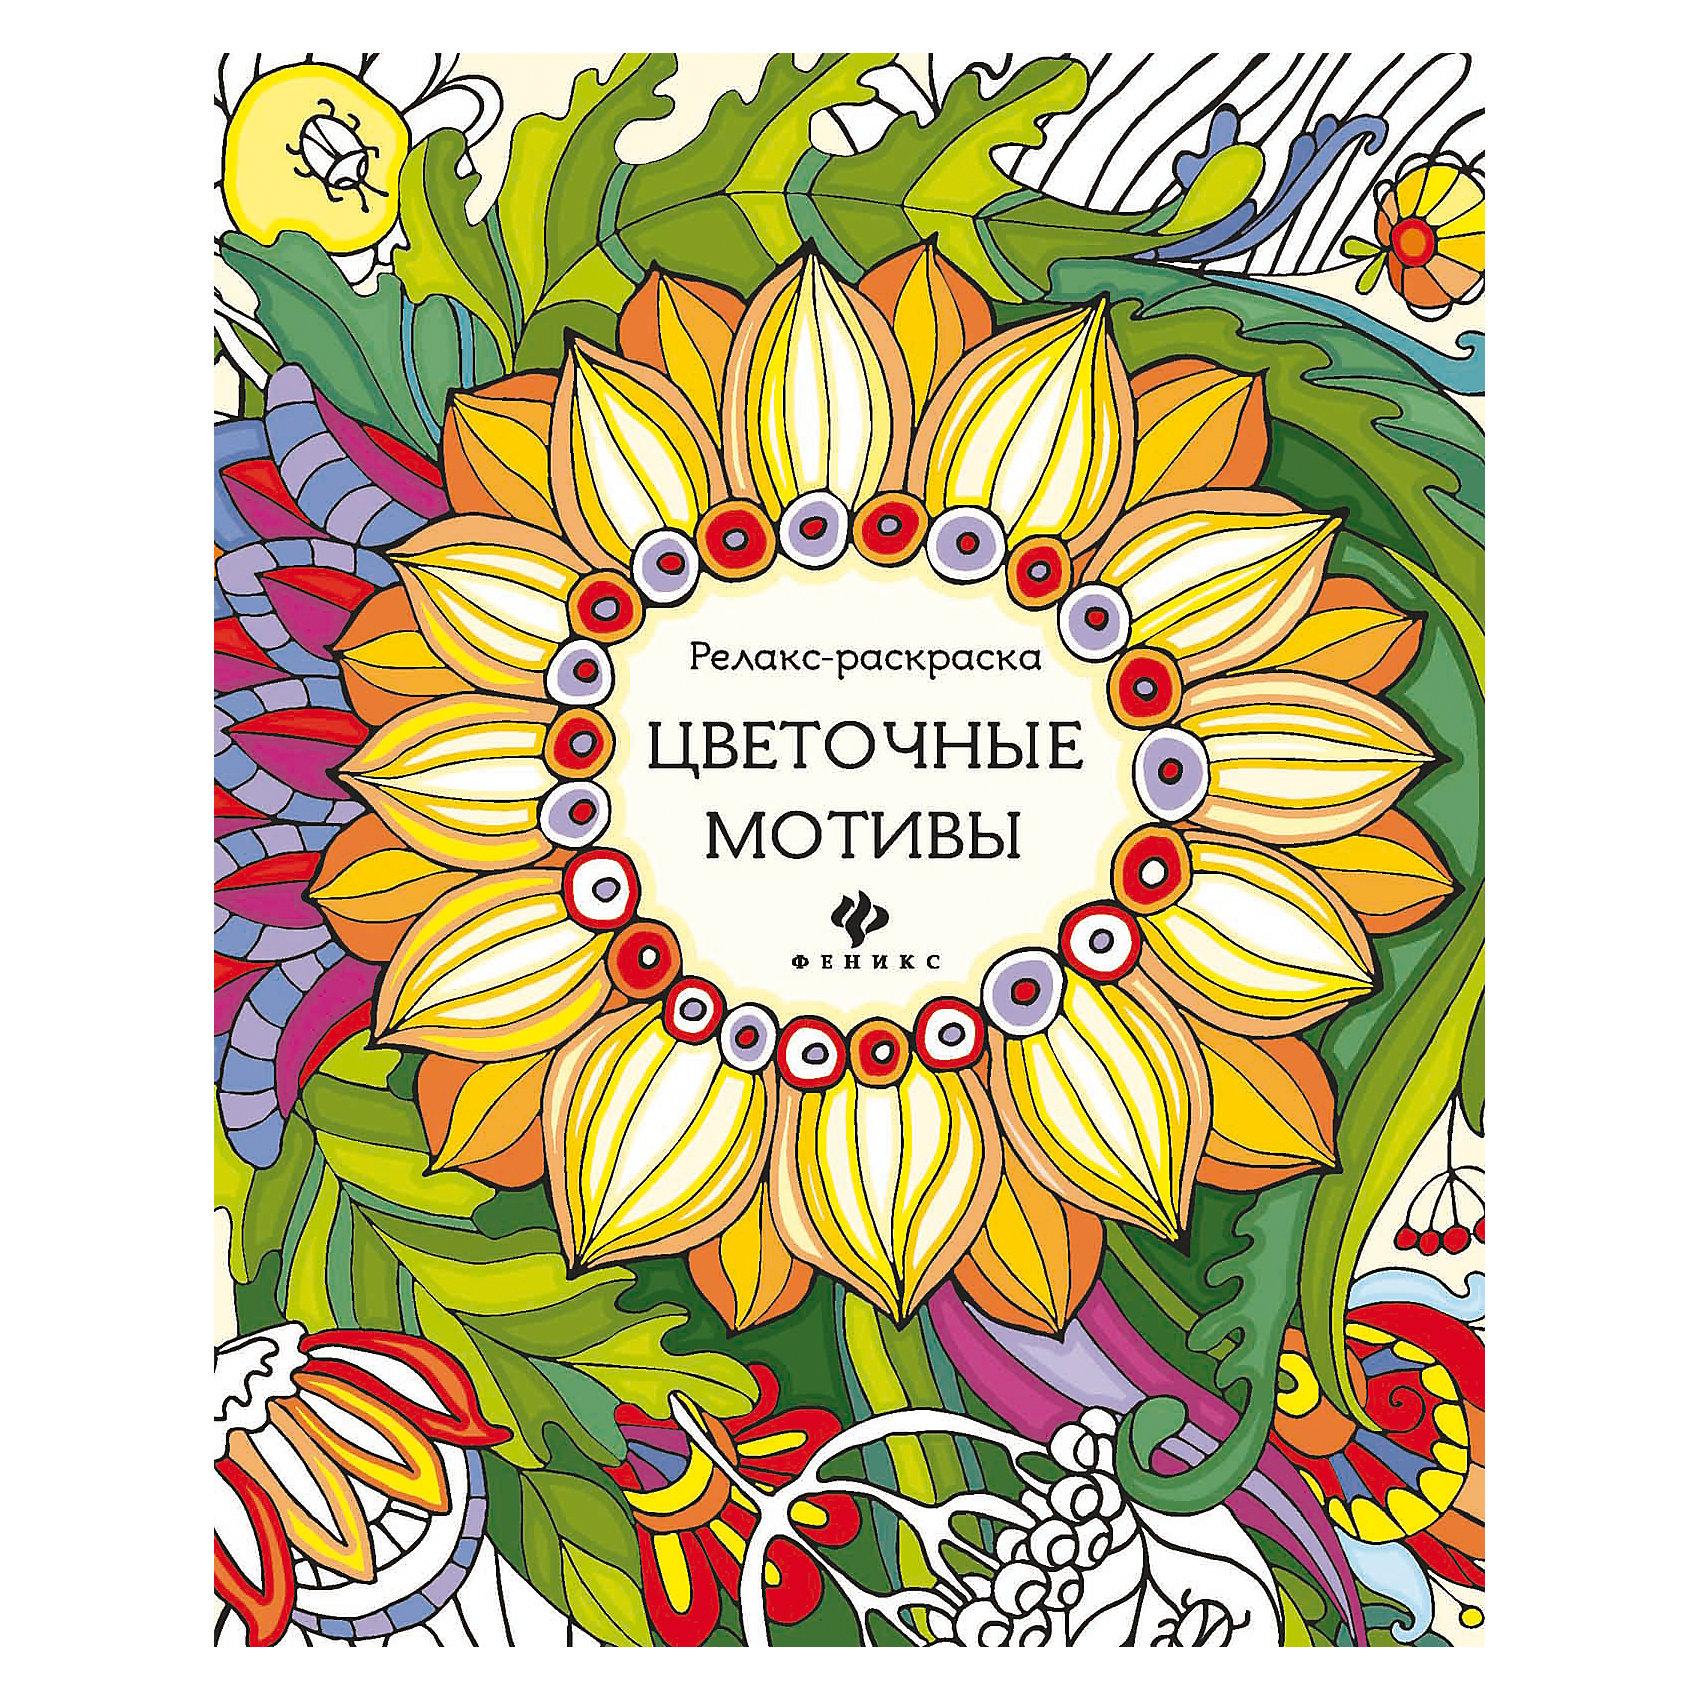 Релакс-раскраска Цветочные мотивыРелакс-раскраска Цветочные мотивы - это хорошее настроение, чувство гармонии, вдохновение.<br>Множество самых удивительных цветочных узоров ожидают на каждой странице релакс-раскраски Цветочные мотивы. Переплетение линий и круговорот узоров позволят отвлечься от суеты повседневности, успокоить нервы и реализовать творческий потенциал, как детей, так и взрослых.<br><br>Дополнительная информация:<br><br>- Автор: Райцес М. И.<br>- Художник: А. Параченко<br>- Издательство: Феникс-Премьер, 2016 г.<br>- Серия: Релакс-раскраска<br>- Тип обложки: мягкий переплет (крепление скрепкой или клеем)<br>- Оформление: частичная лакировка<br>- Иллюстрации: черно-белые<br>- Количество страниц: 32 (офсет)<br>- Размер: 260x200x3 мм.<br>- Вес: 110 гр.<br><br>Релакс-раскраску Цветочные мотивы можно купить в нашем интернет-магазине.<br><br>Ширина мм: 200<br>Глубина мм: 3<br>Высота мм: 261<br>Вес г: 58<br>Возраст от месяцев: 72<br>Возраст до месяцев: 144<br>Пол: Унисекс<br>Возраст: Детский<br>SKU: 4637834